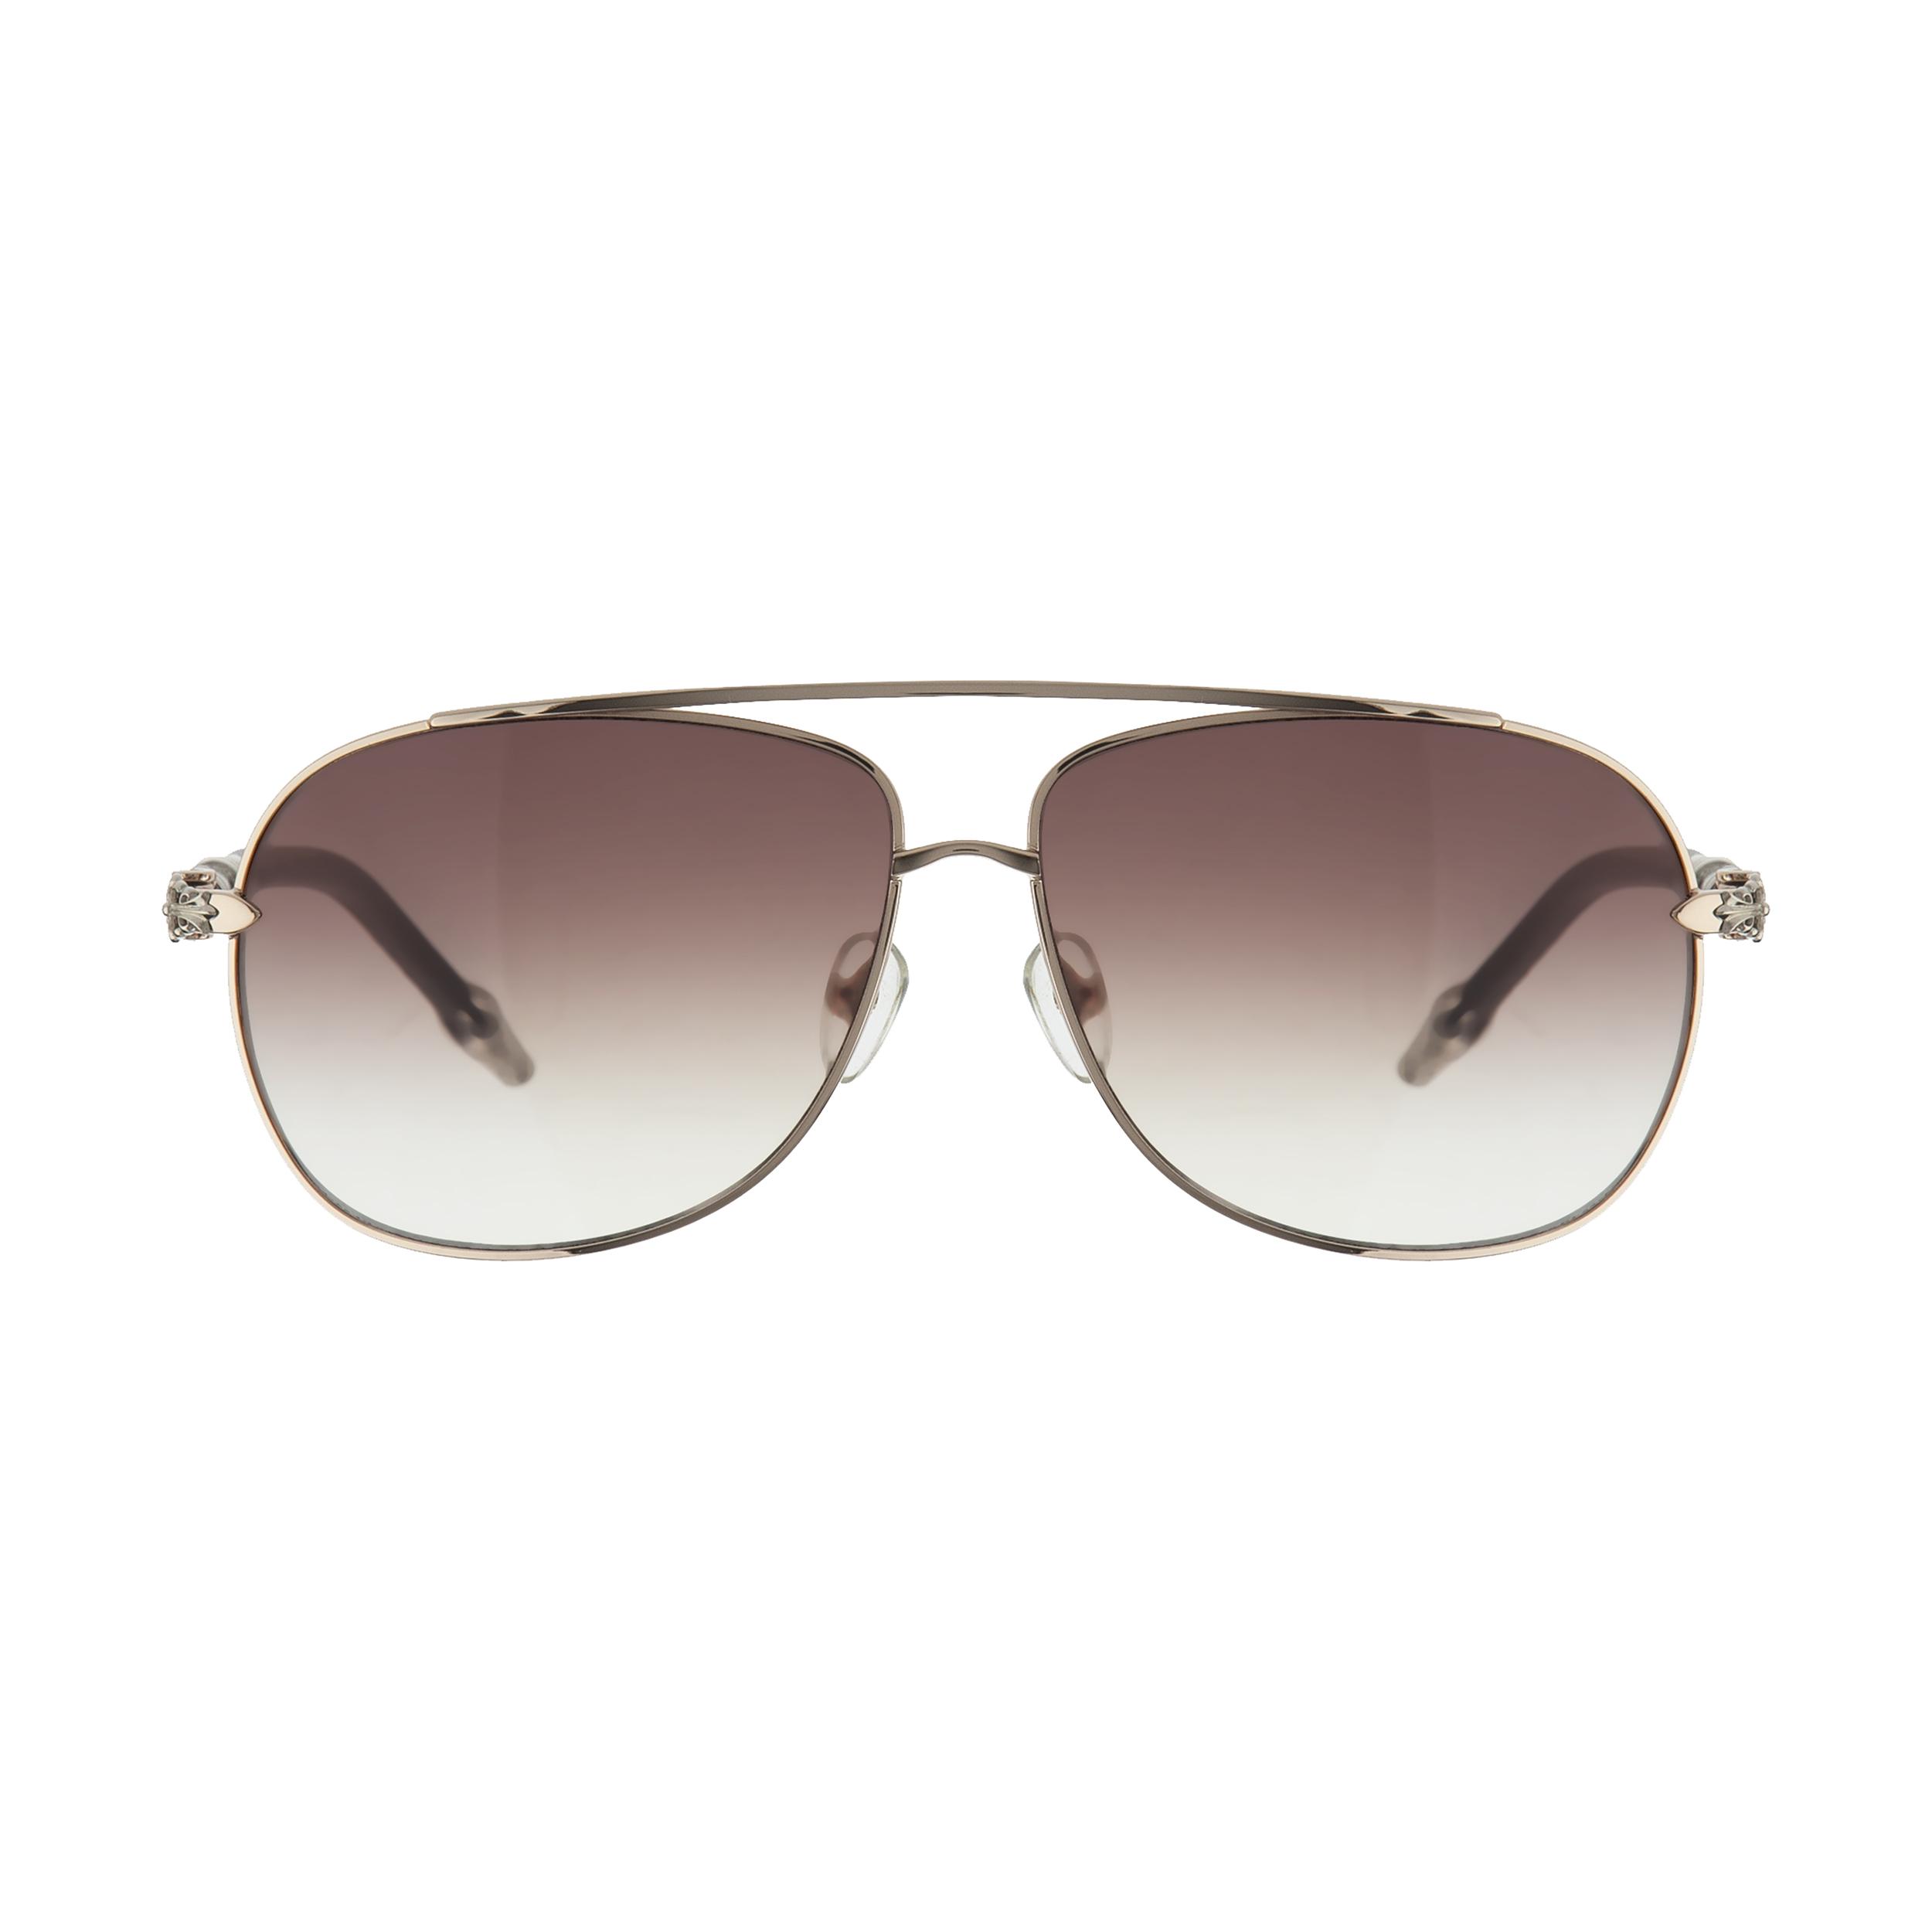 خرید                     عینک آفتابی کروم هارتز مدل tencher